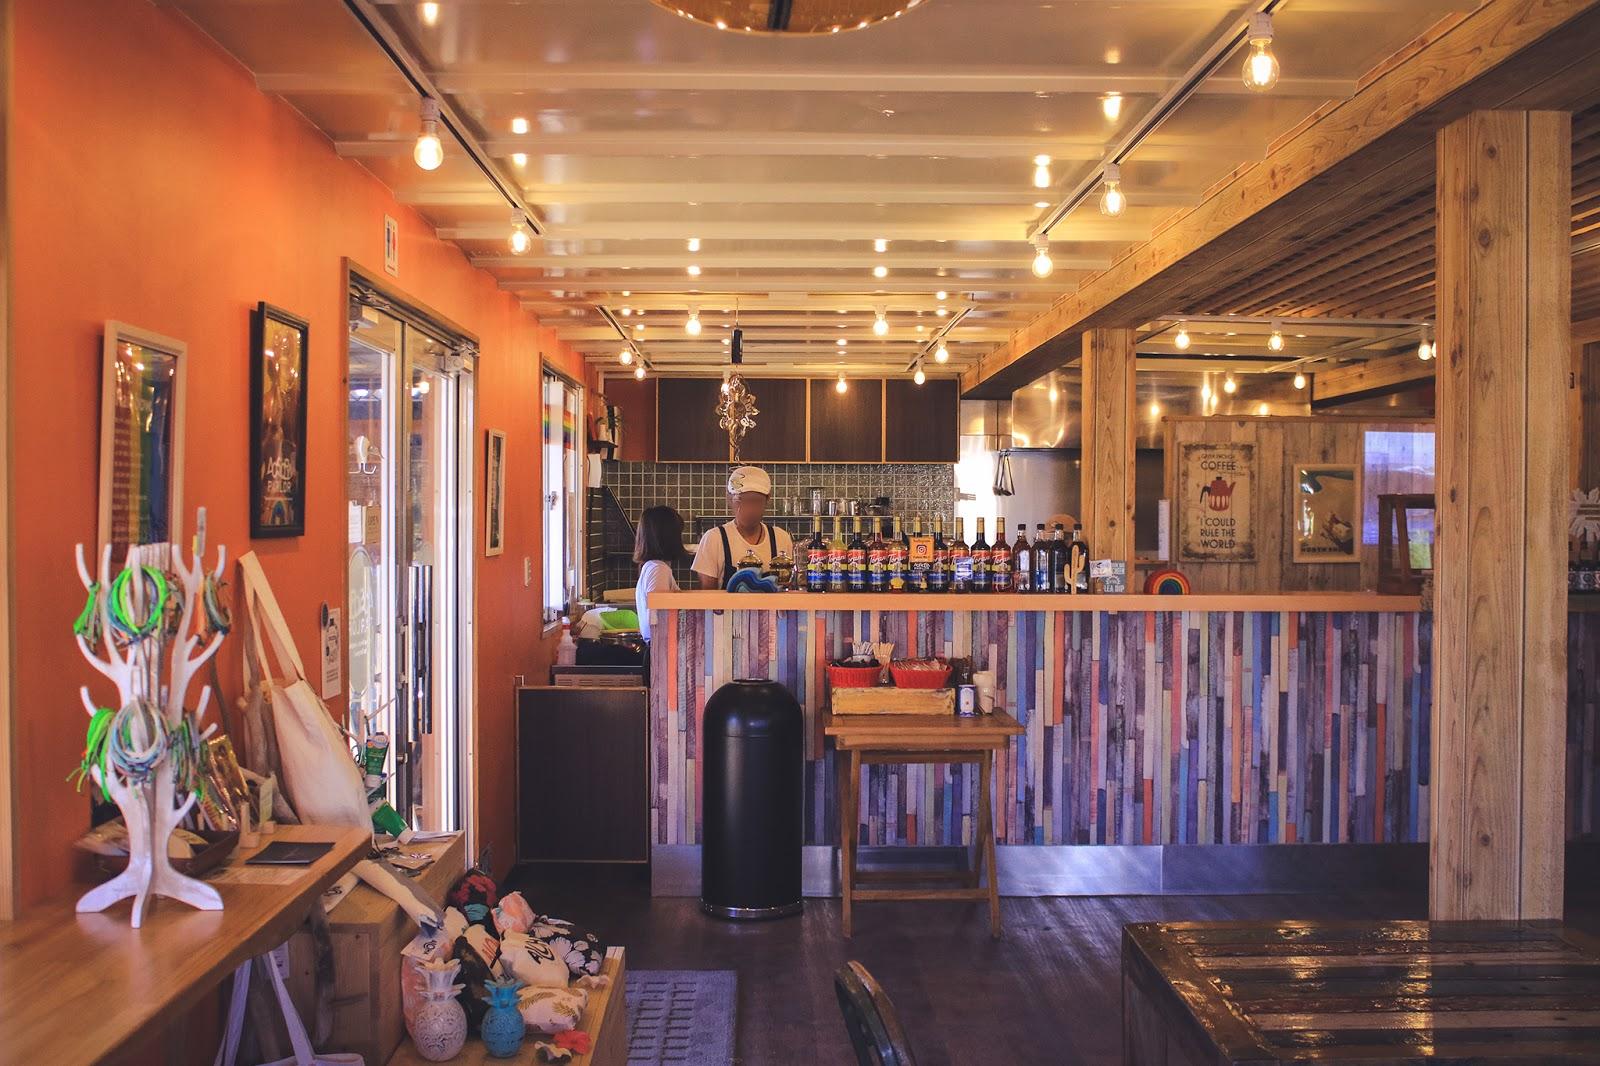 広尾のカフェ人気まとめ!おしゃれ空間でランチもおすすめ!